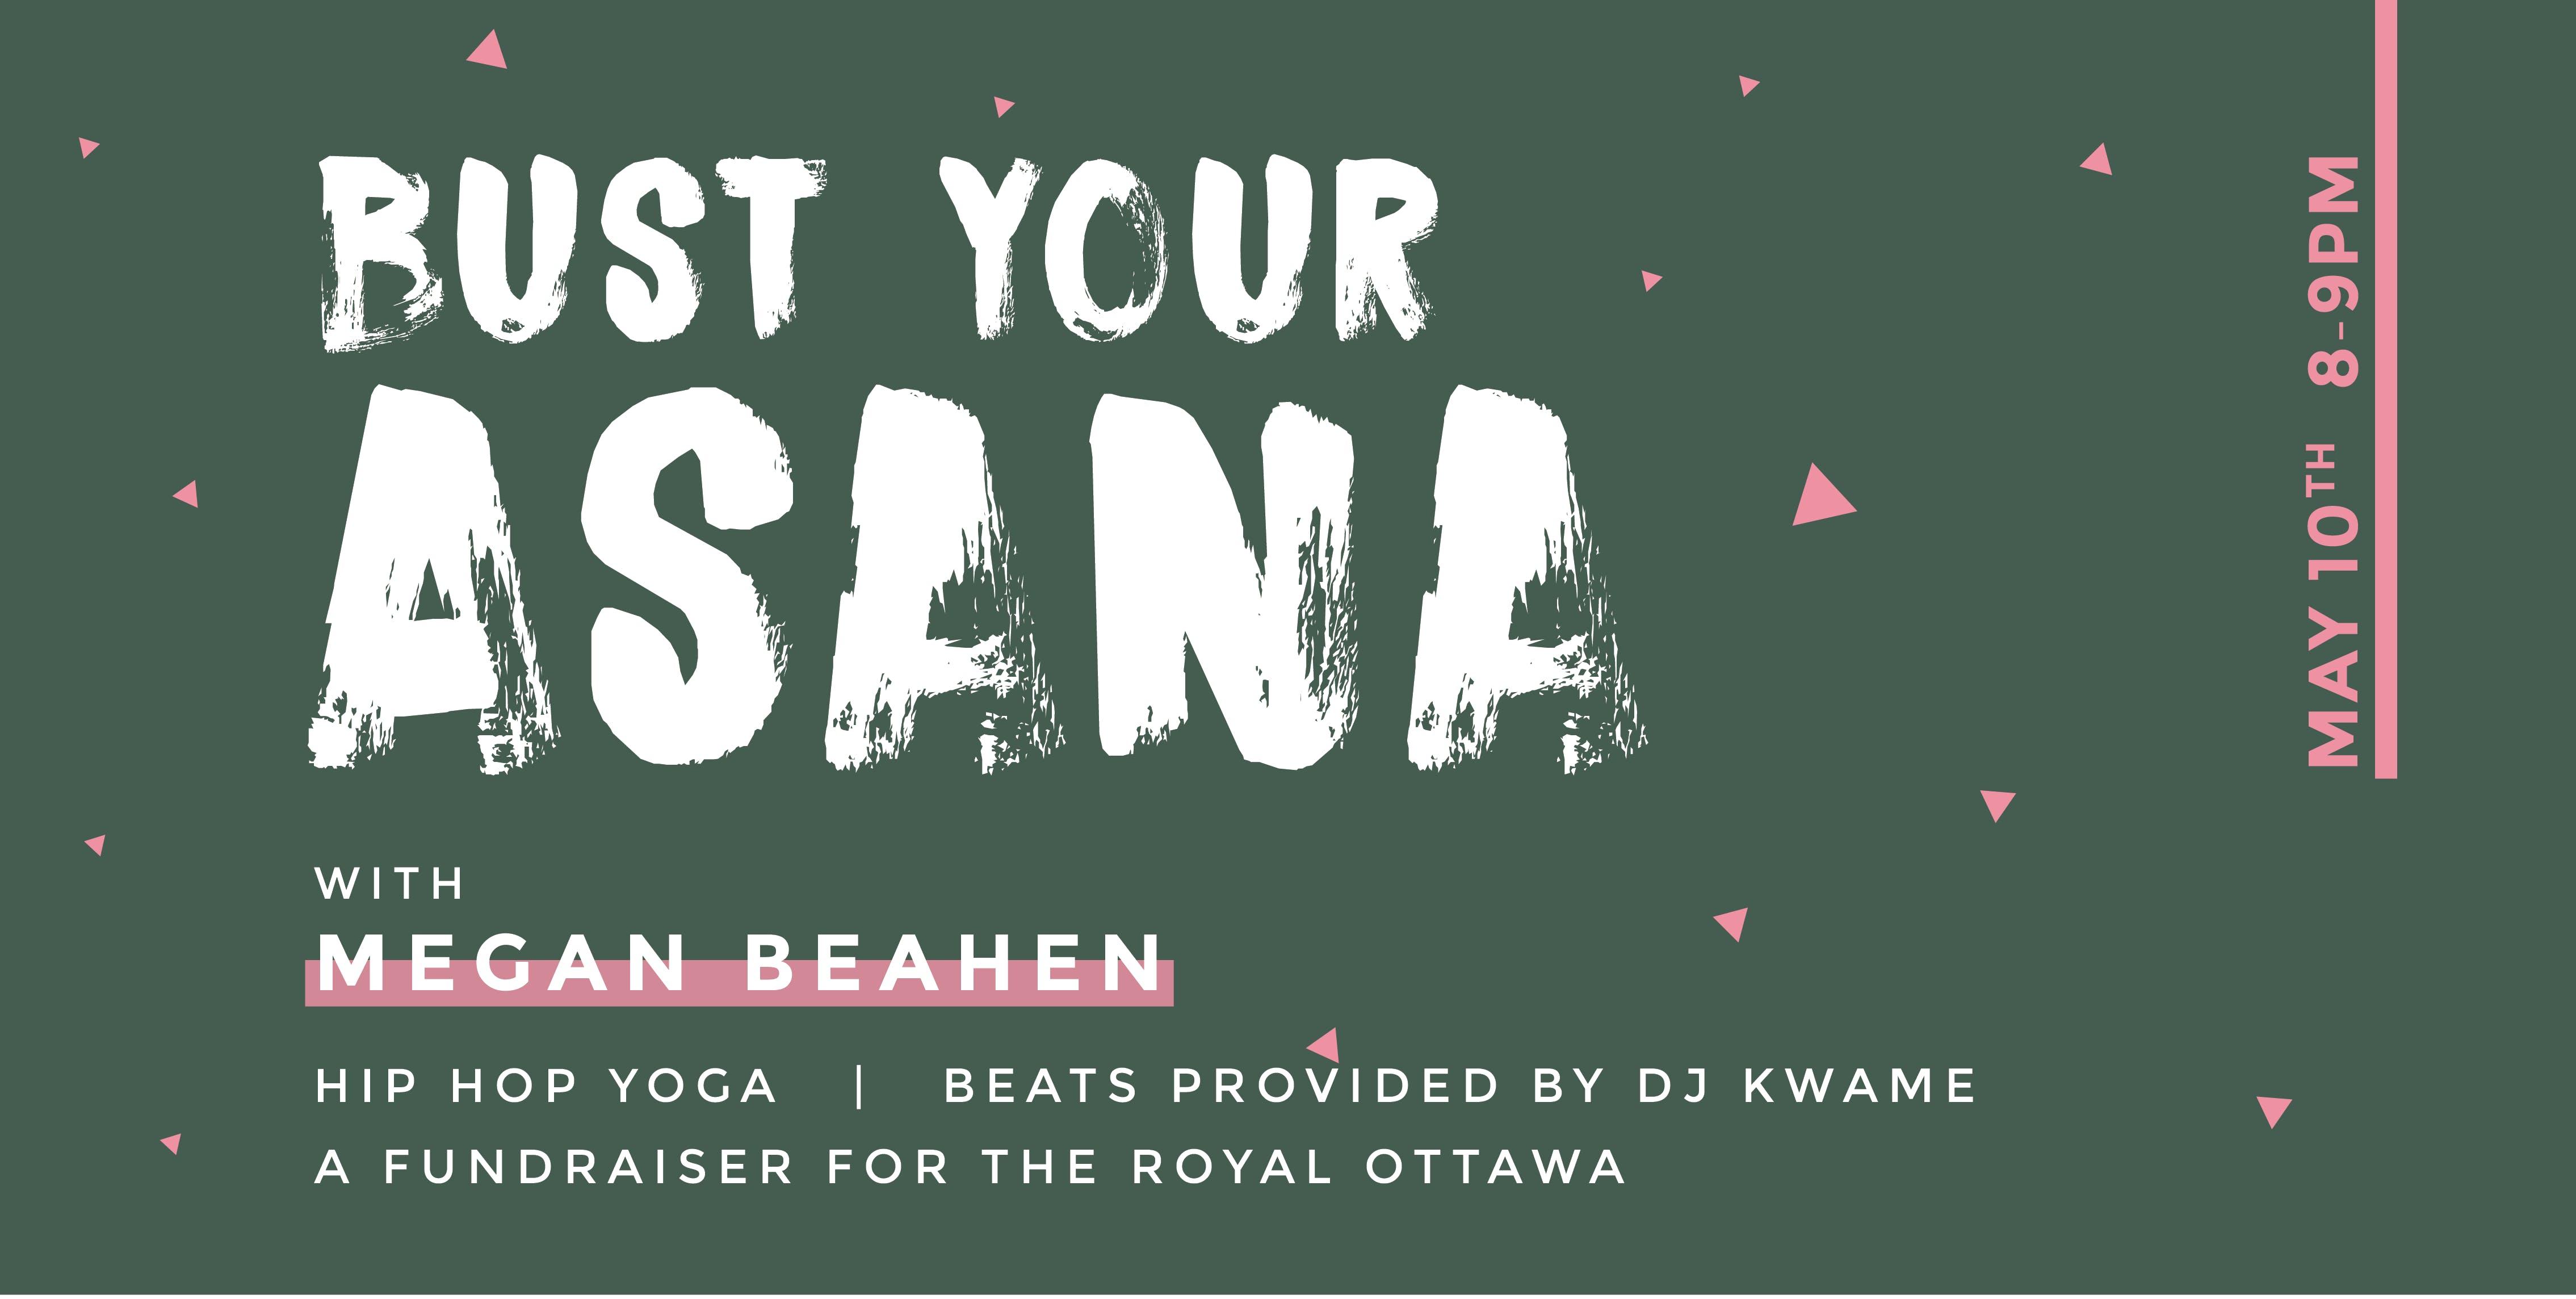 Bust Your Asana - Hip Hop Yoga Fundraiser